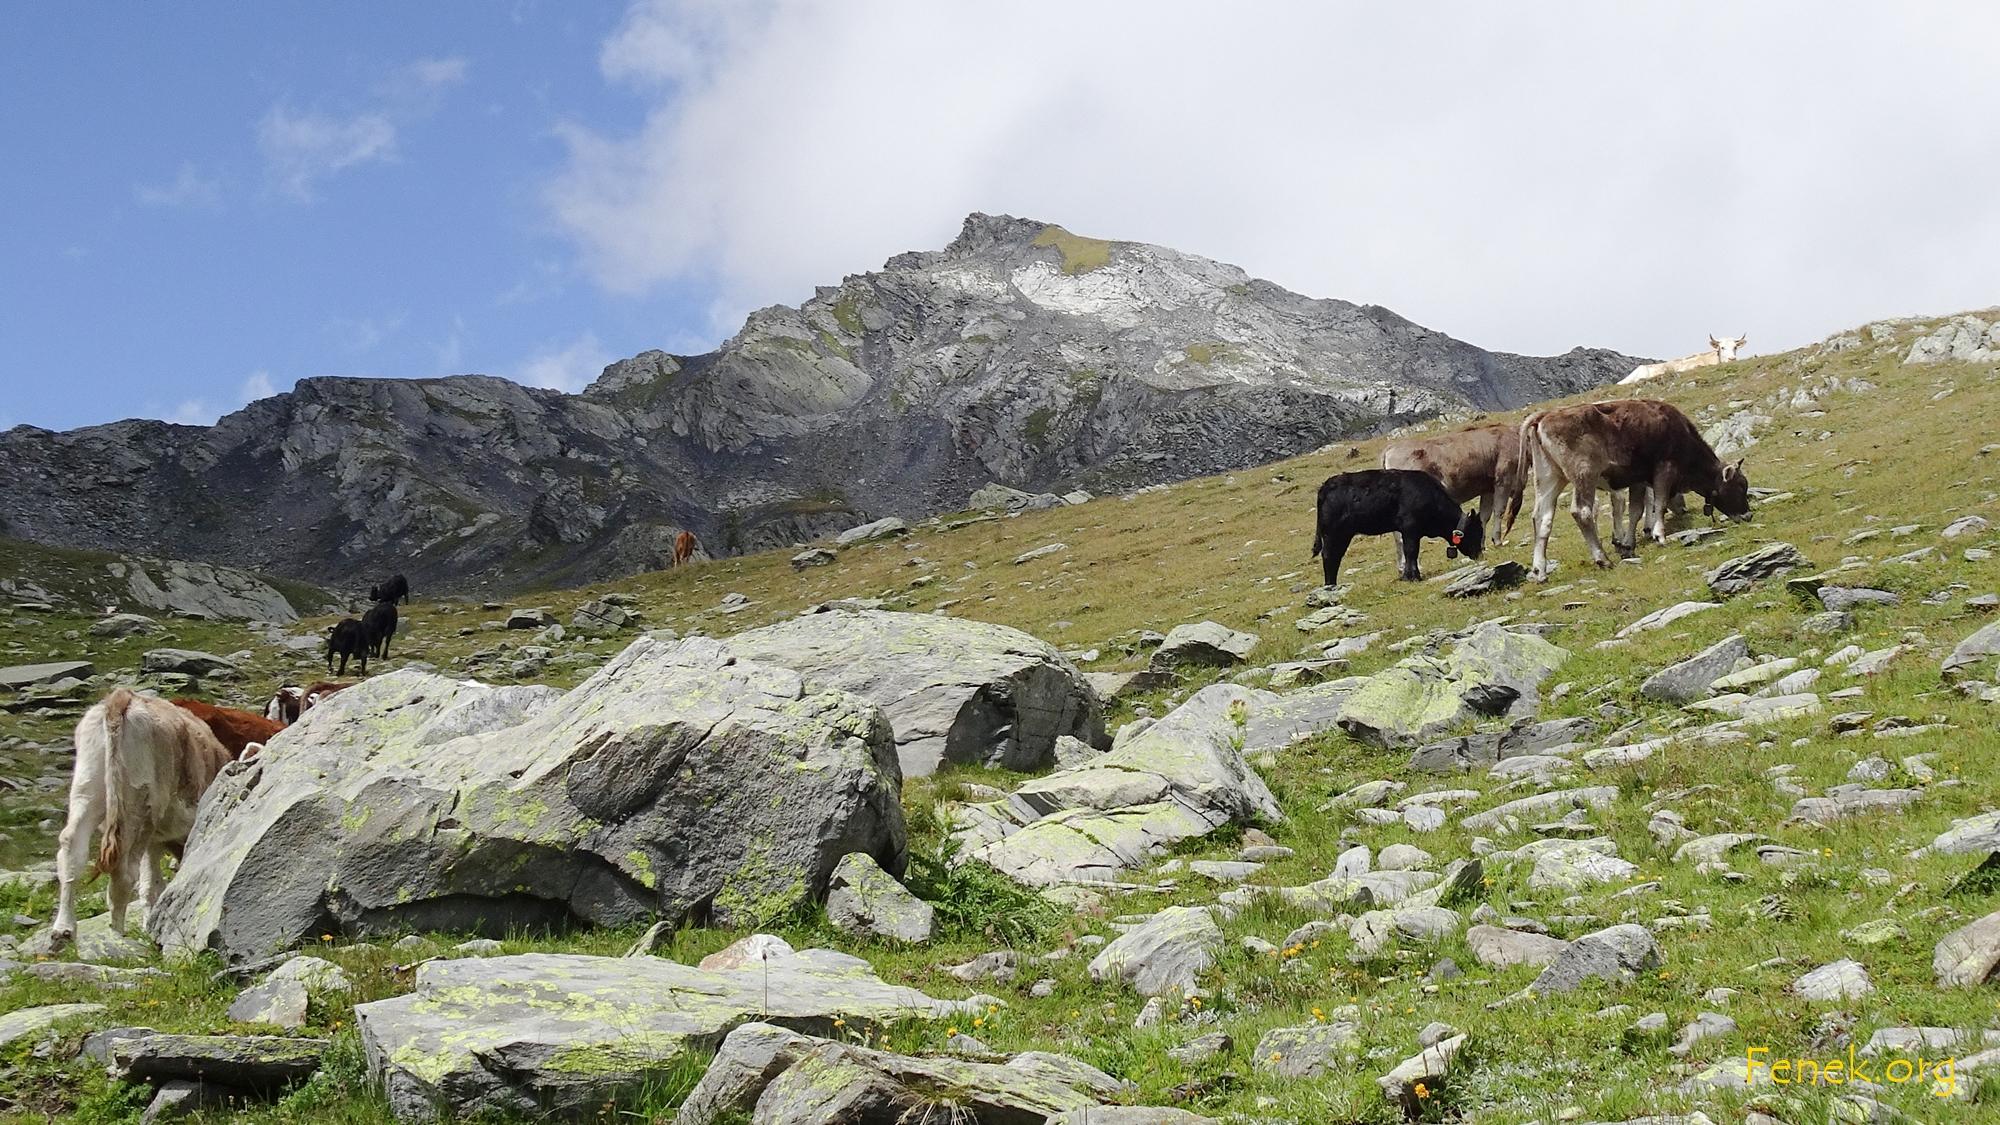 wieder im grünen Bereich - Hintergrund Monts Telliers